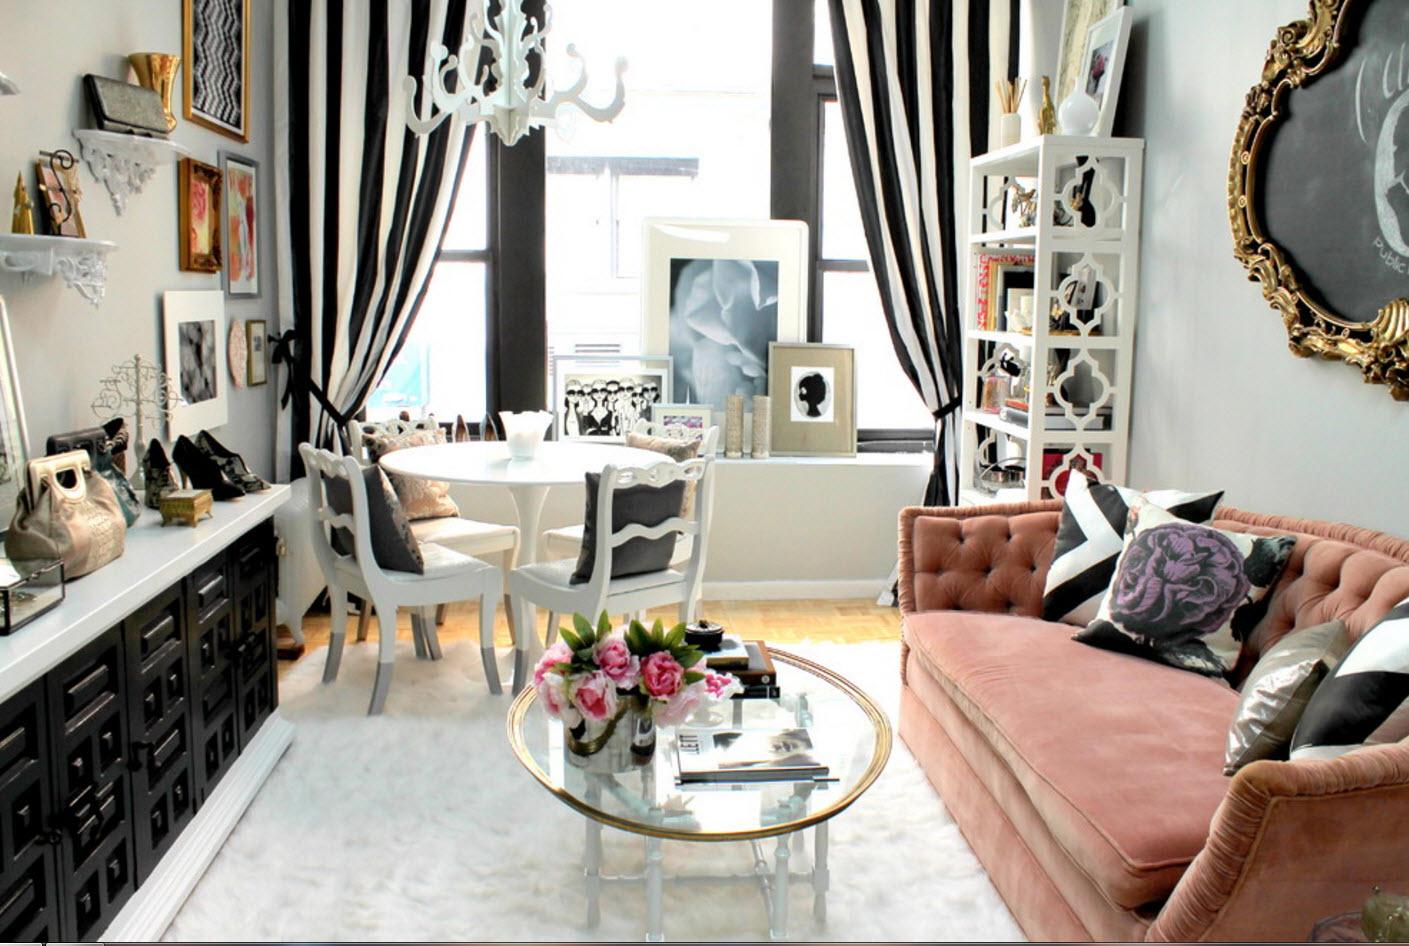 Petit salon cosy noir et blanc de style éclectique avec canapé rose